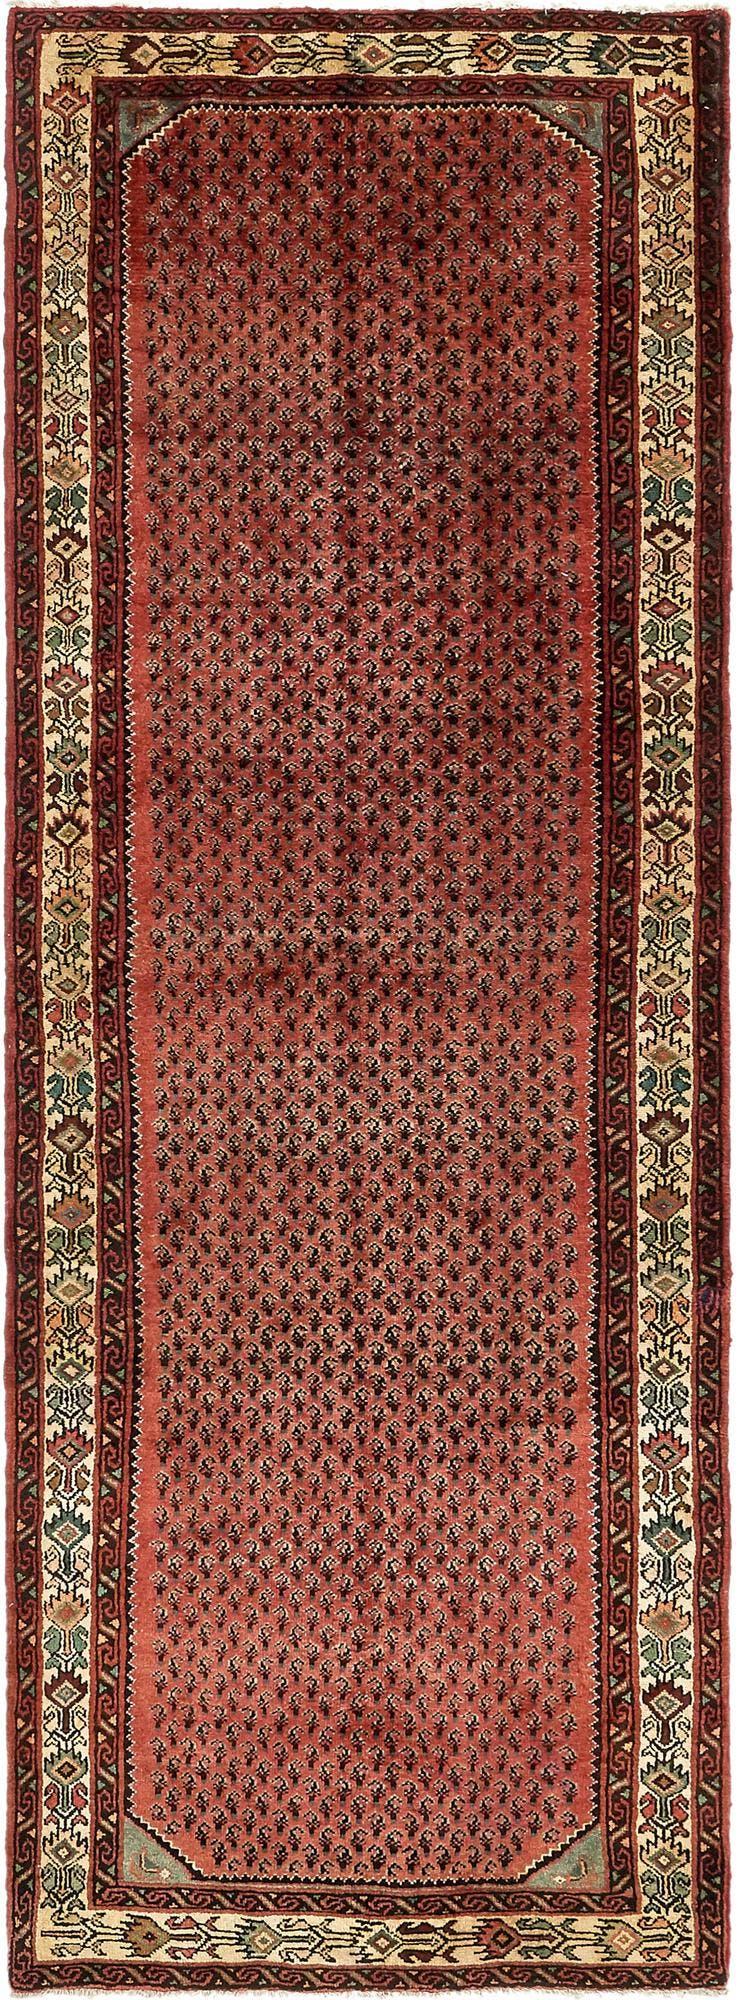 3' 6 x 9' 9 Koliaei Persian Runner Rug main image